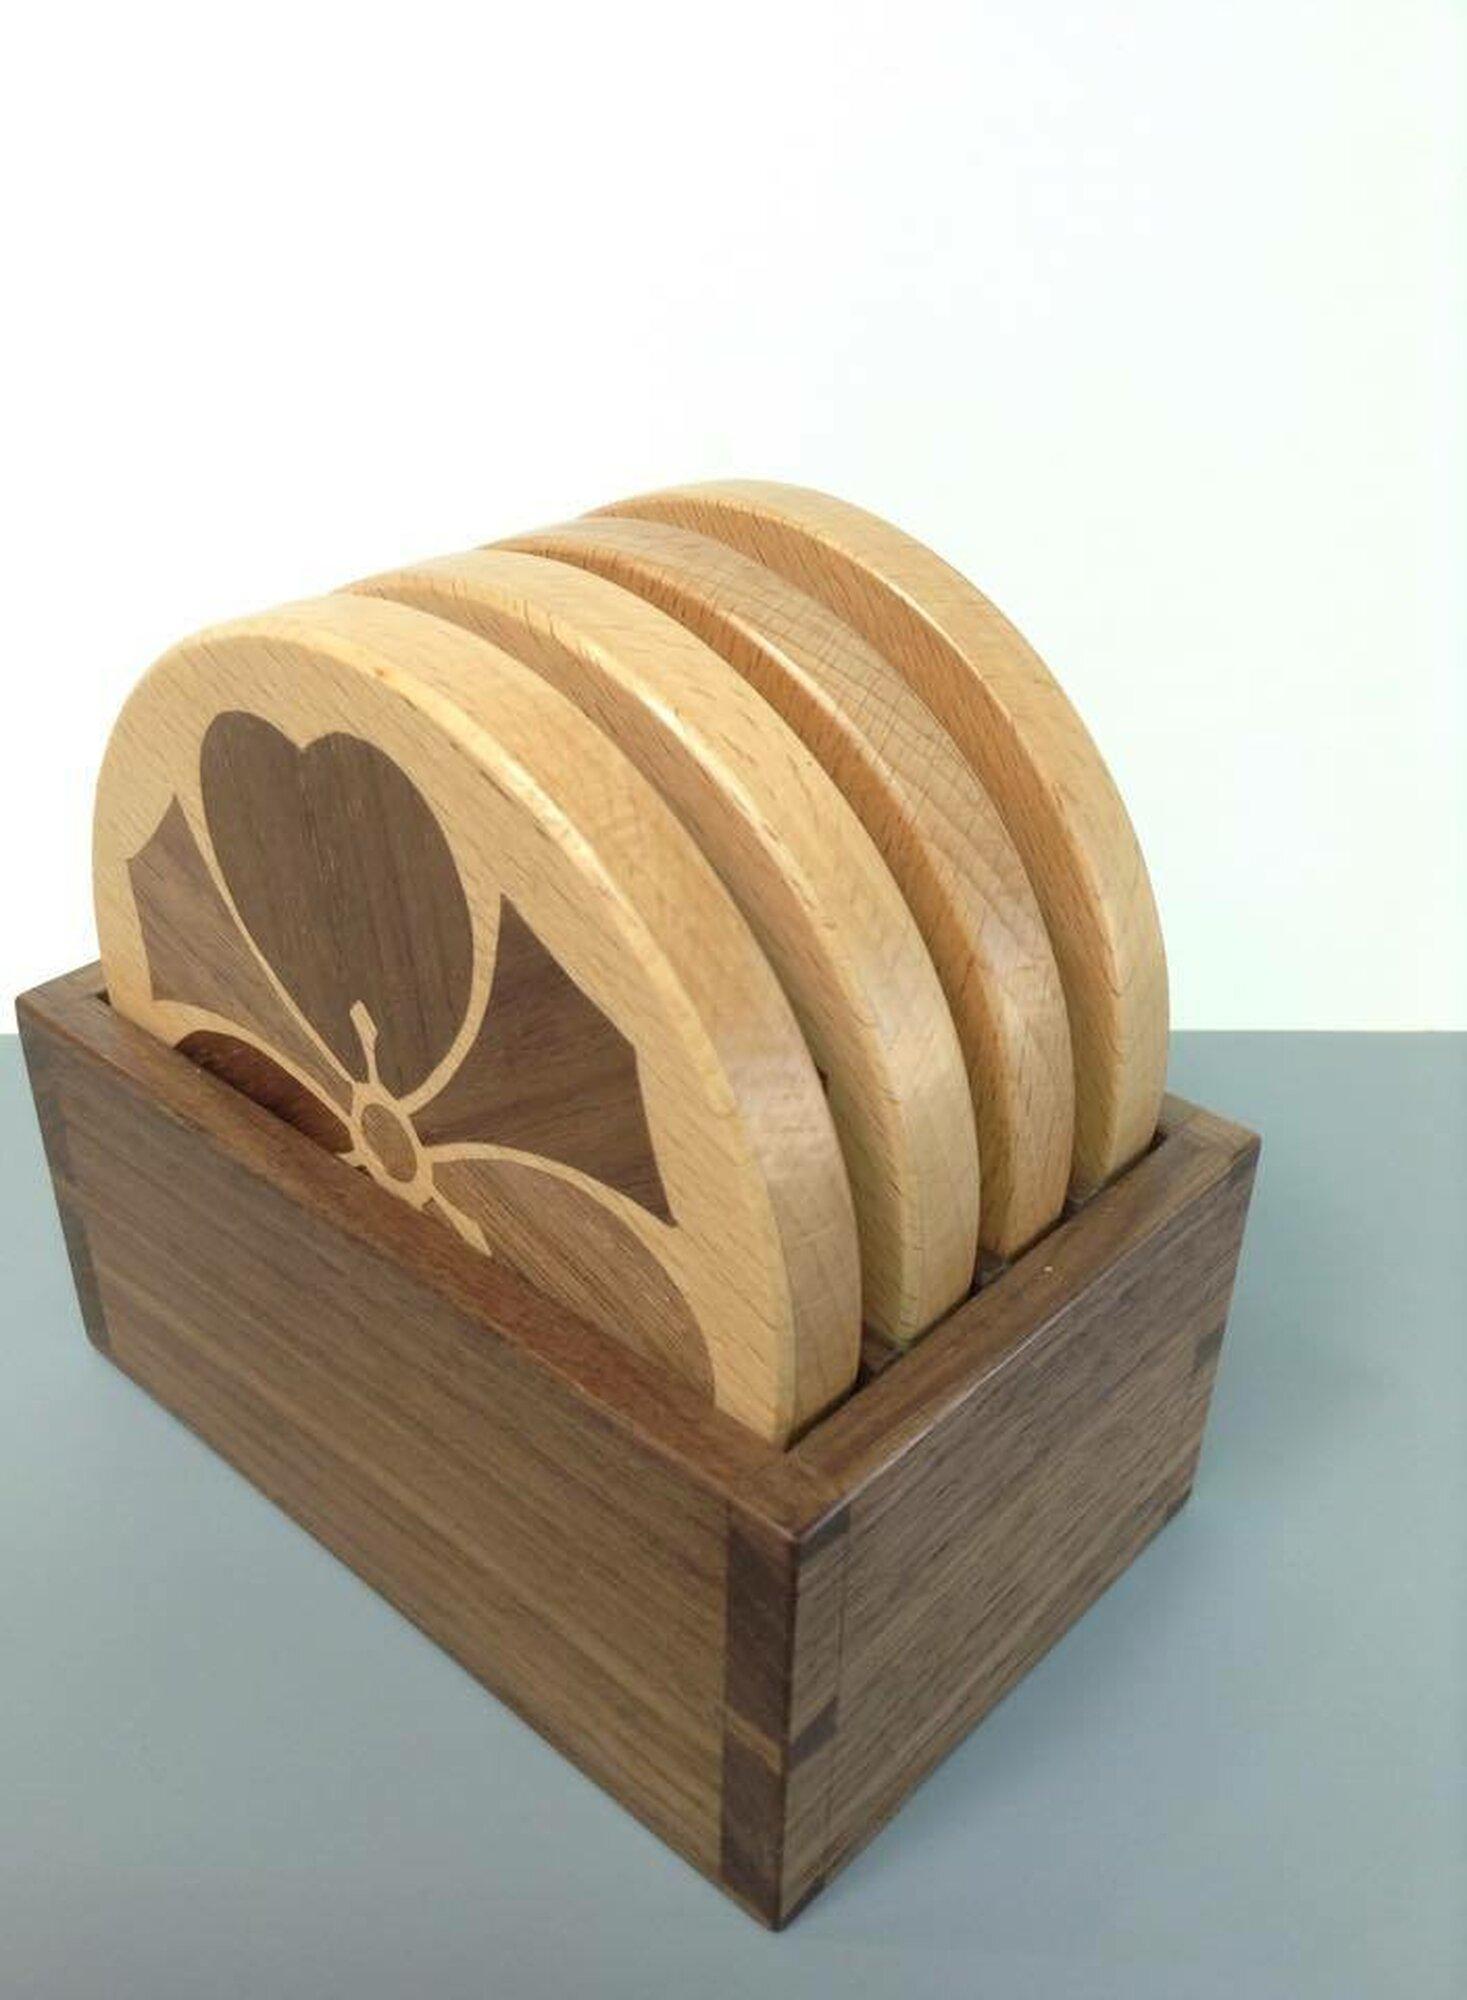 Wood Sorrel Kamon Coasters